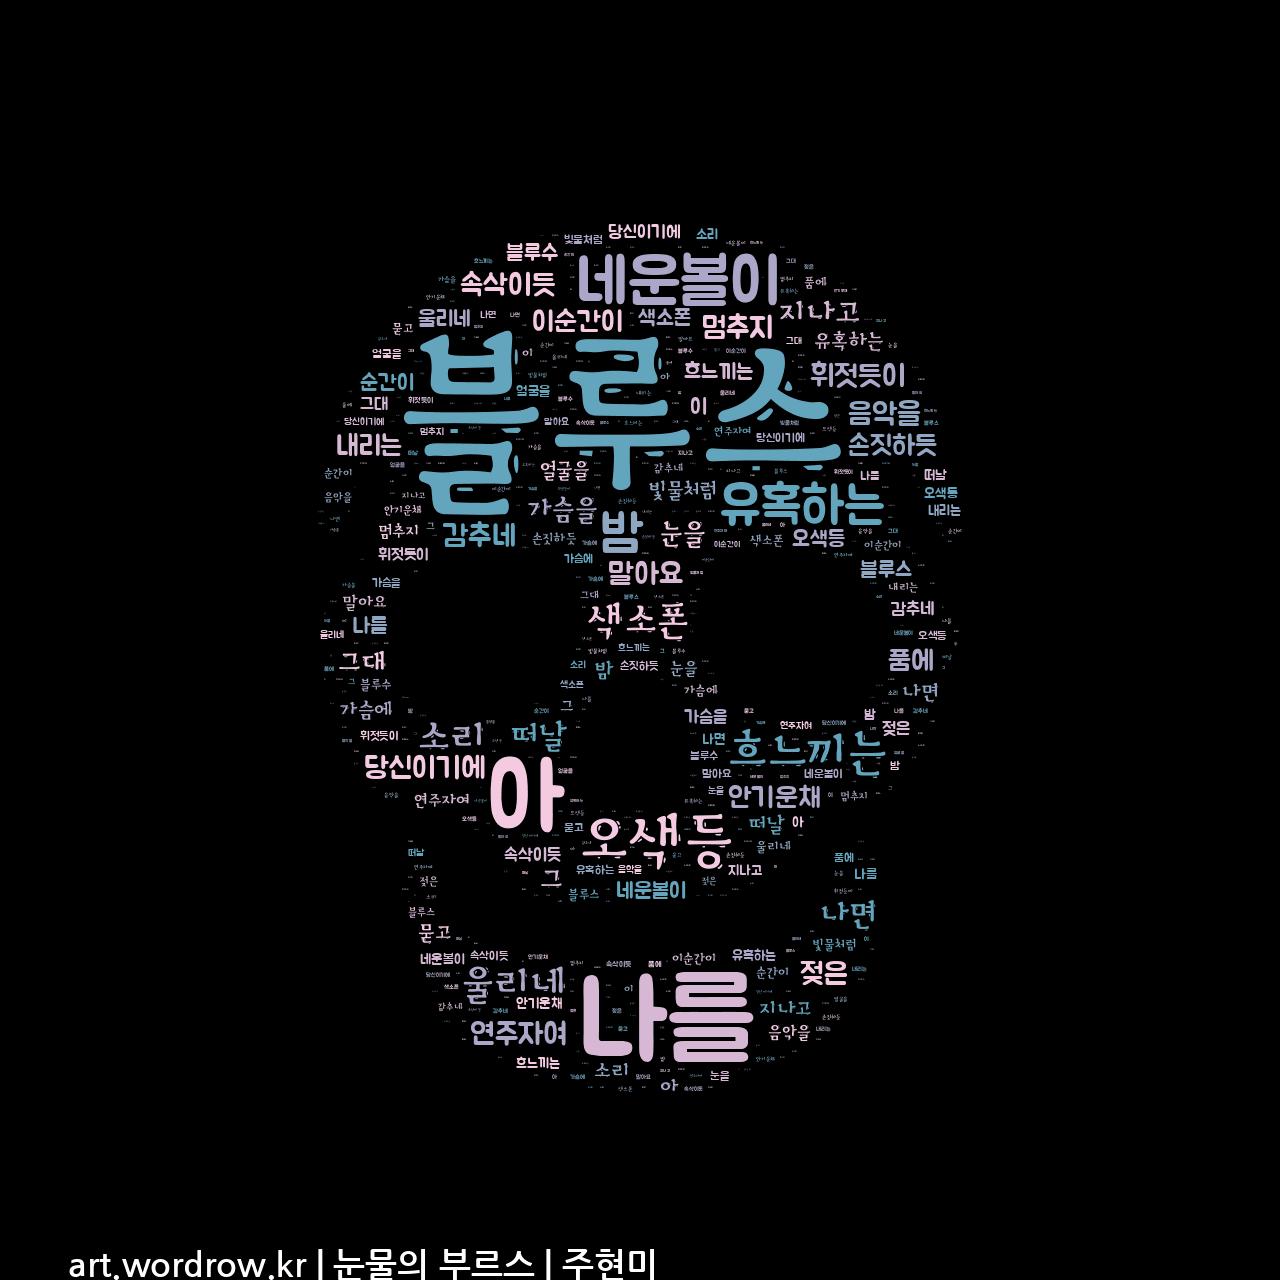 워드 아트: 눈물의 부르스 [주현미]-54